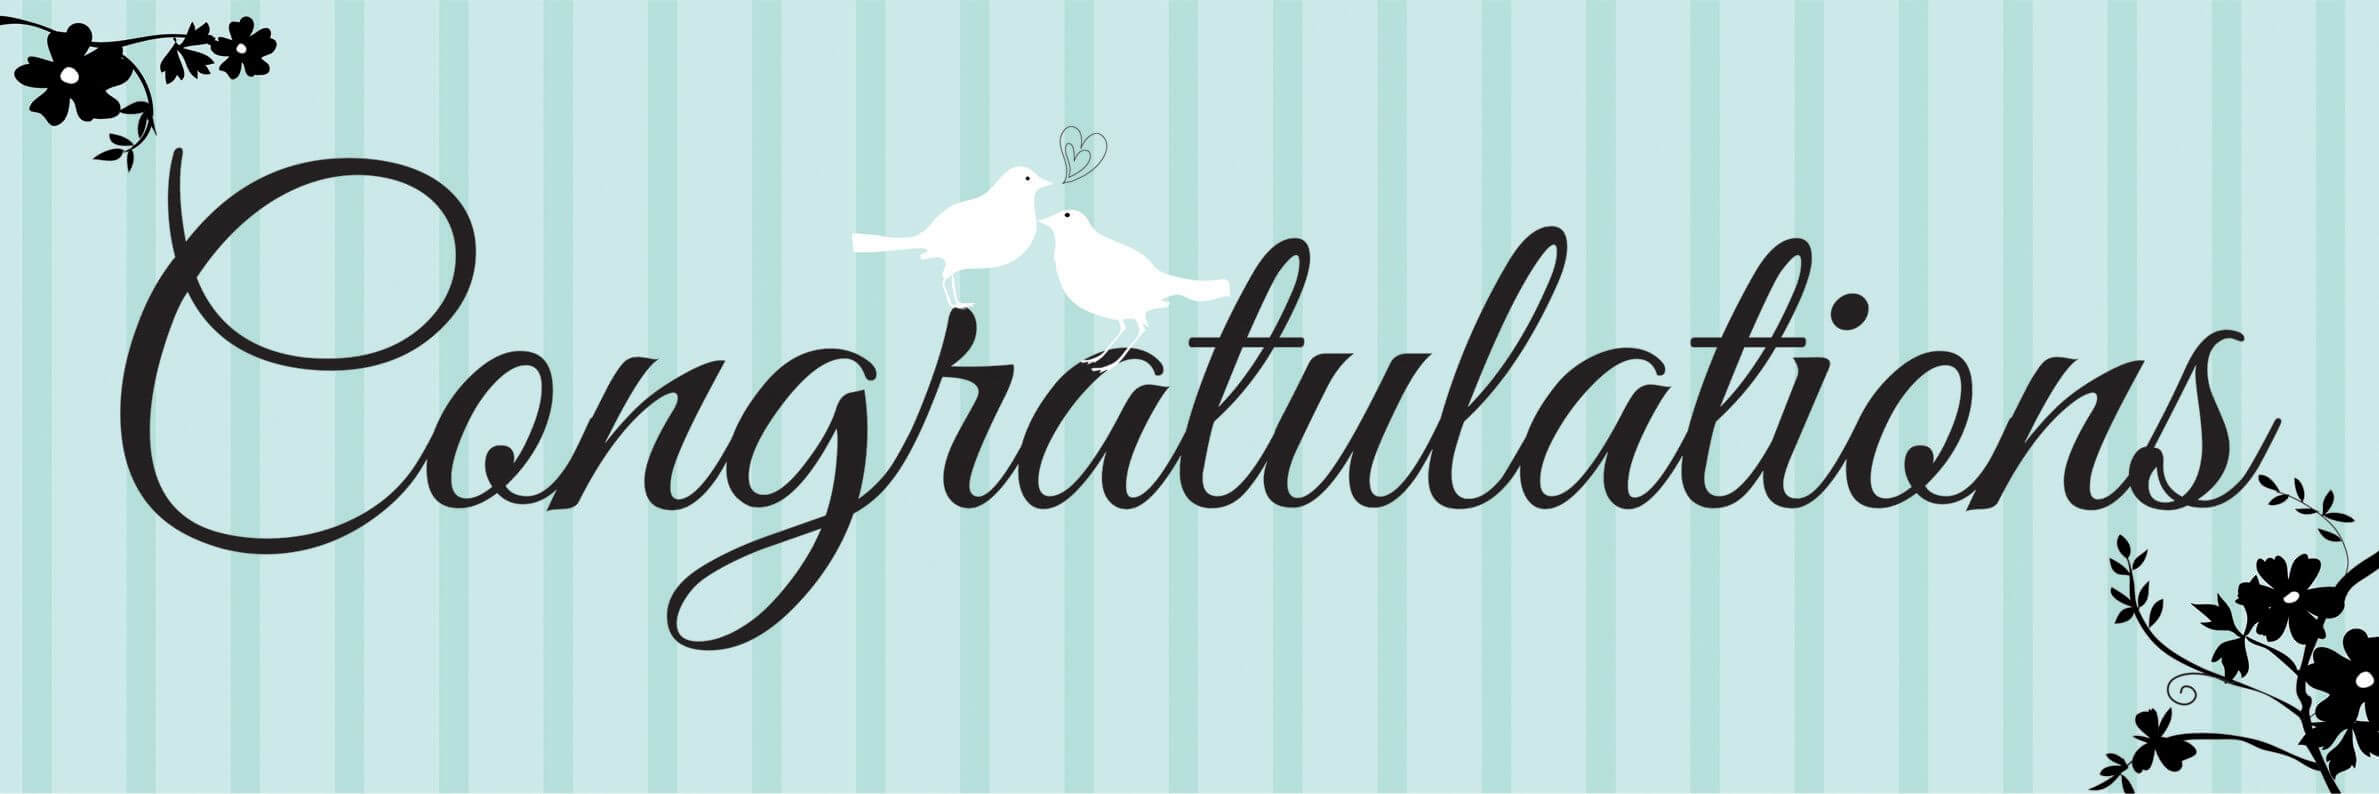 Congratulations Banner Template | Congratulations Banner Pertaining To Congratulations Banner Template